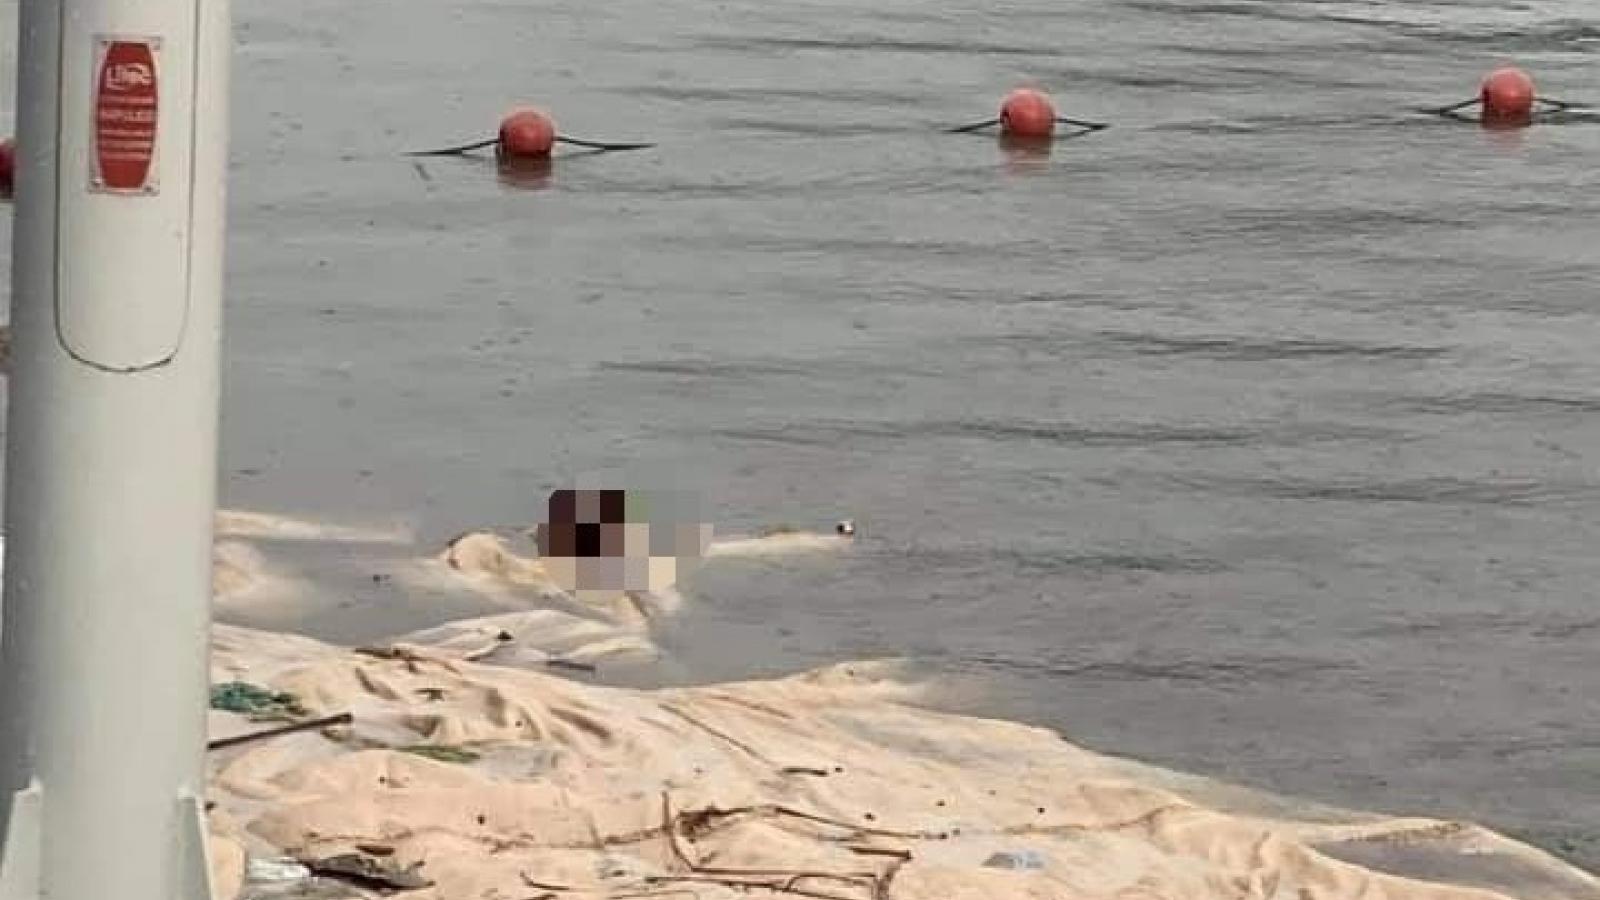 Phát hiện thi thể nam giới trôi dạt gần bãi tắm ở Quảng Ninh